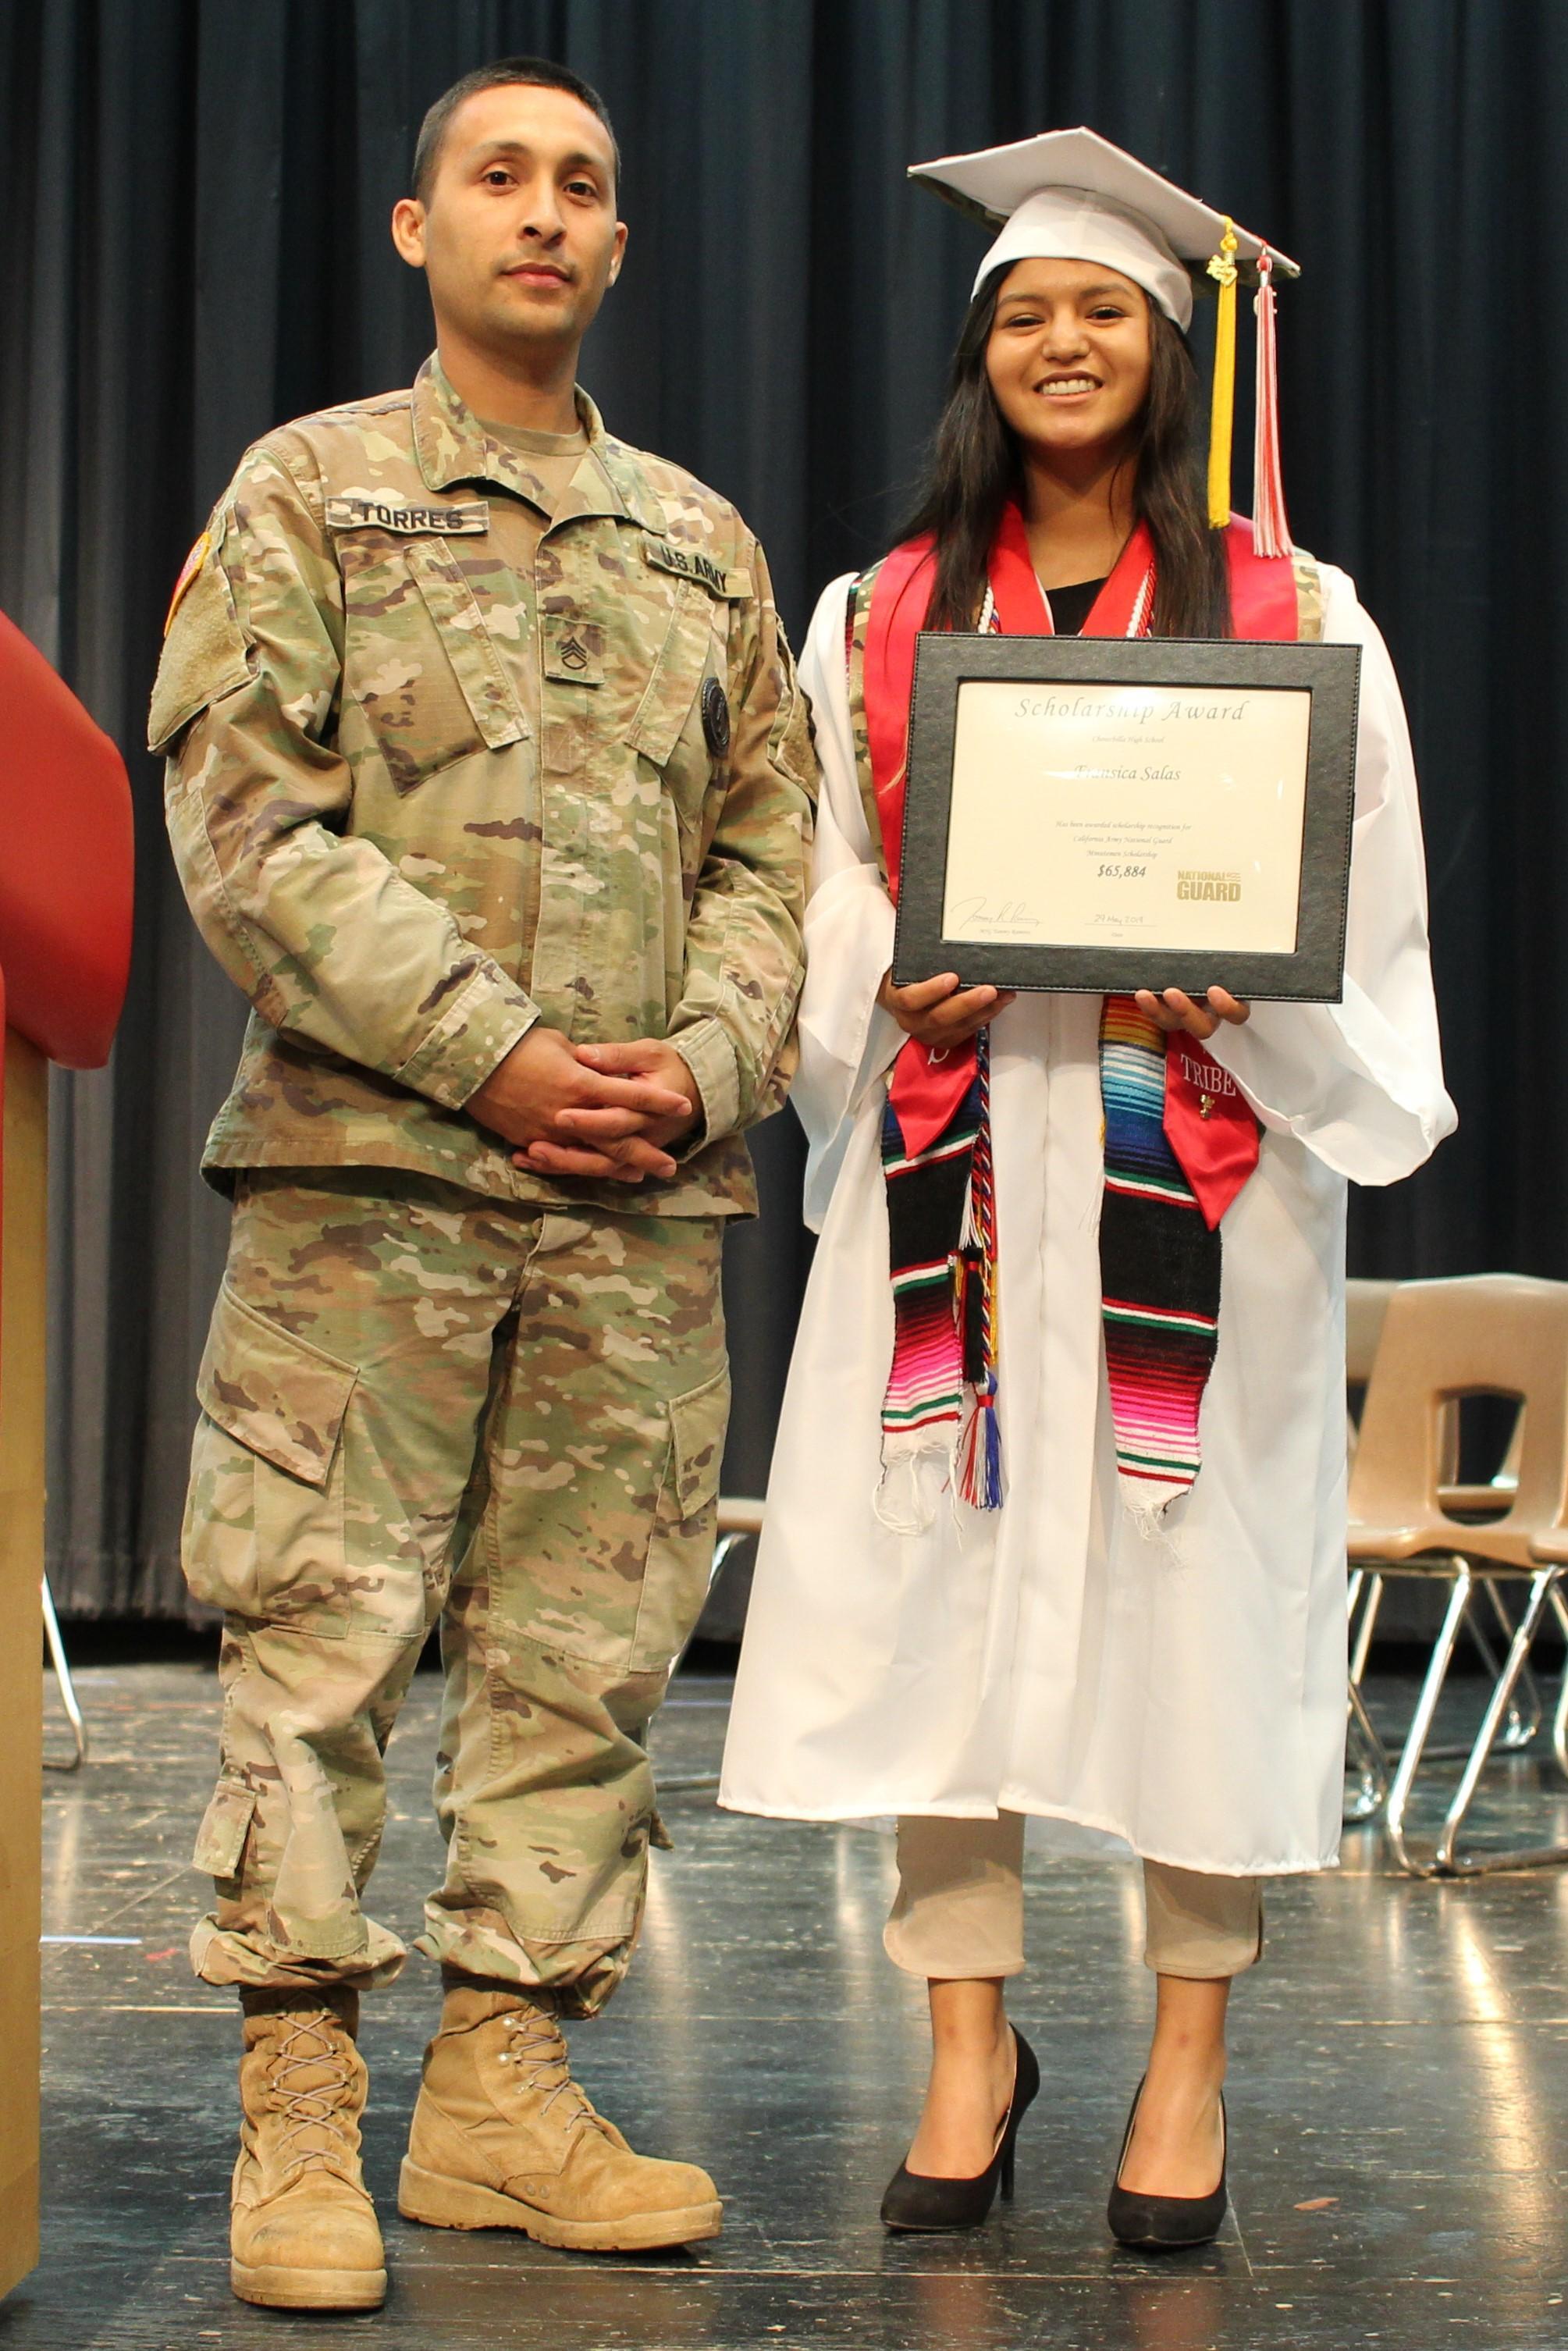 Staff Sergeant Torres, Francisca Salas